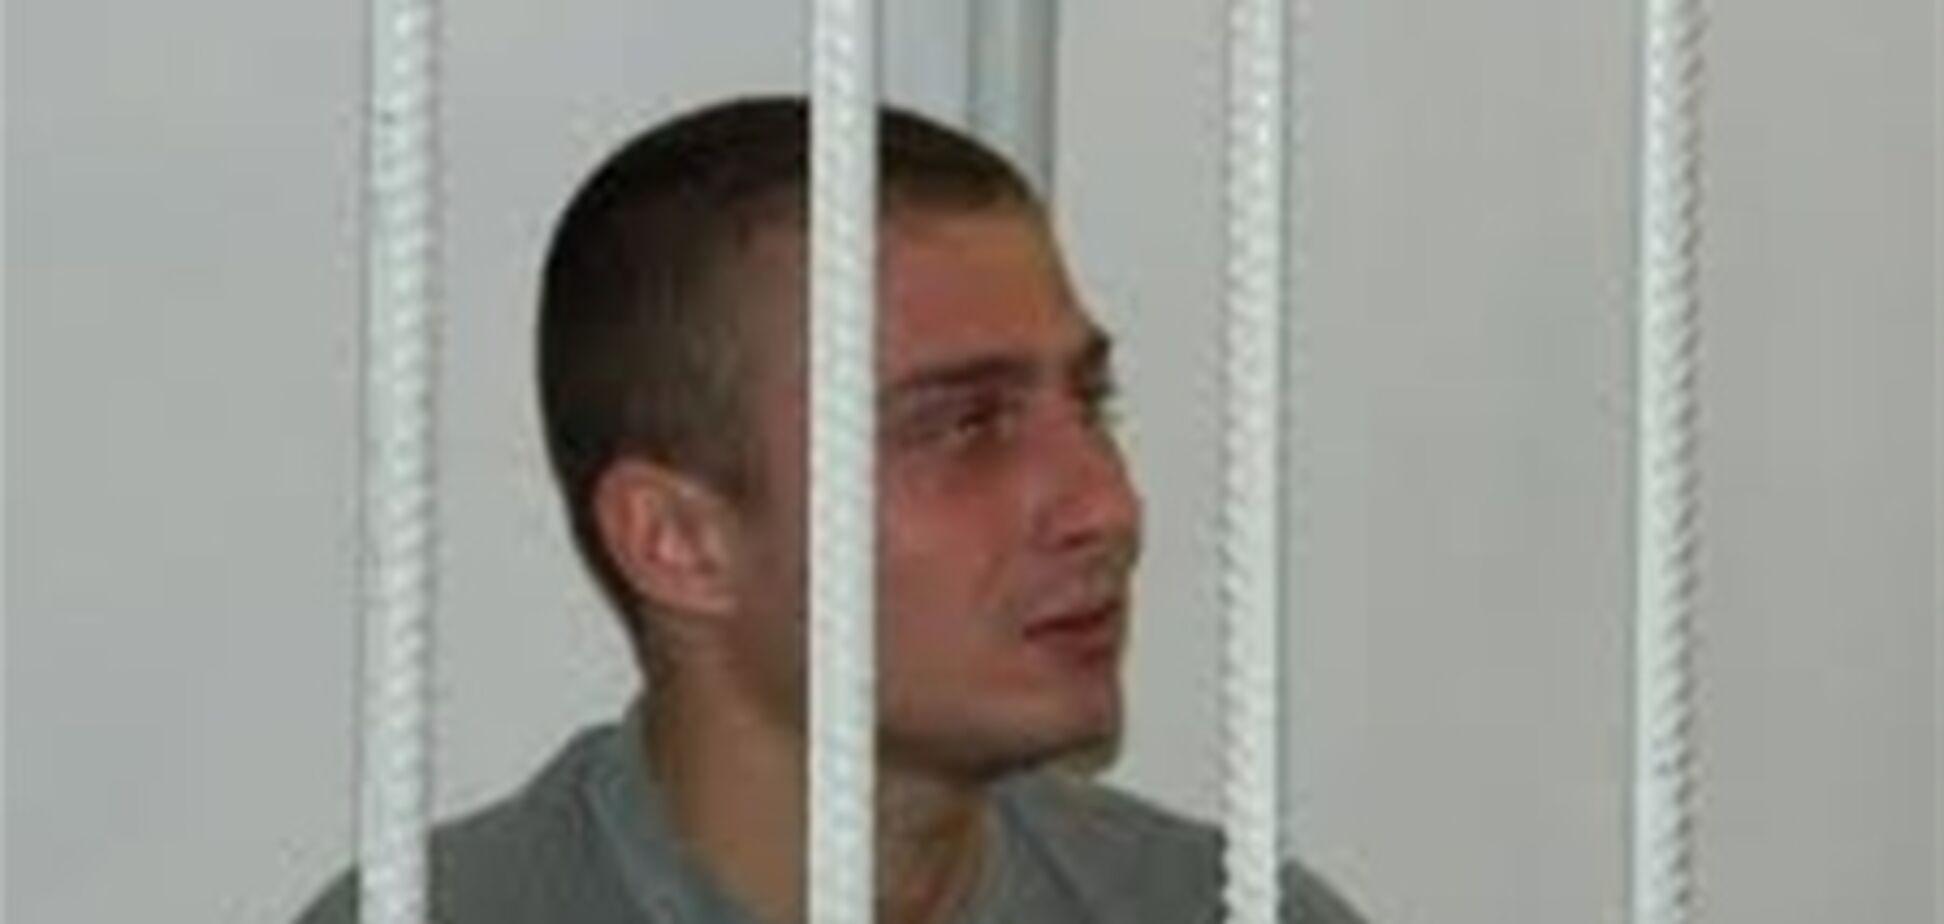 Сьогодні Саша Попова вперше після побиття побачить свого мучителя